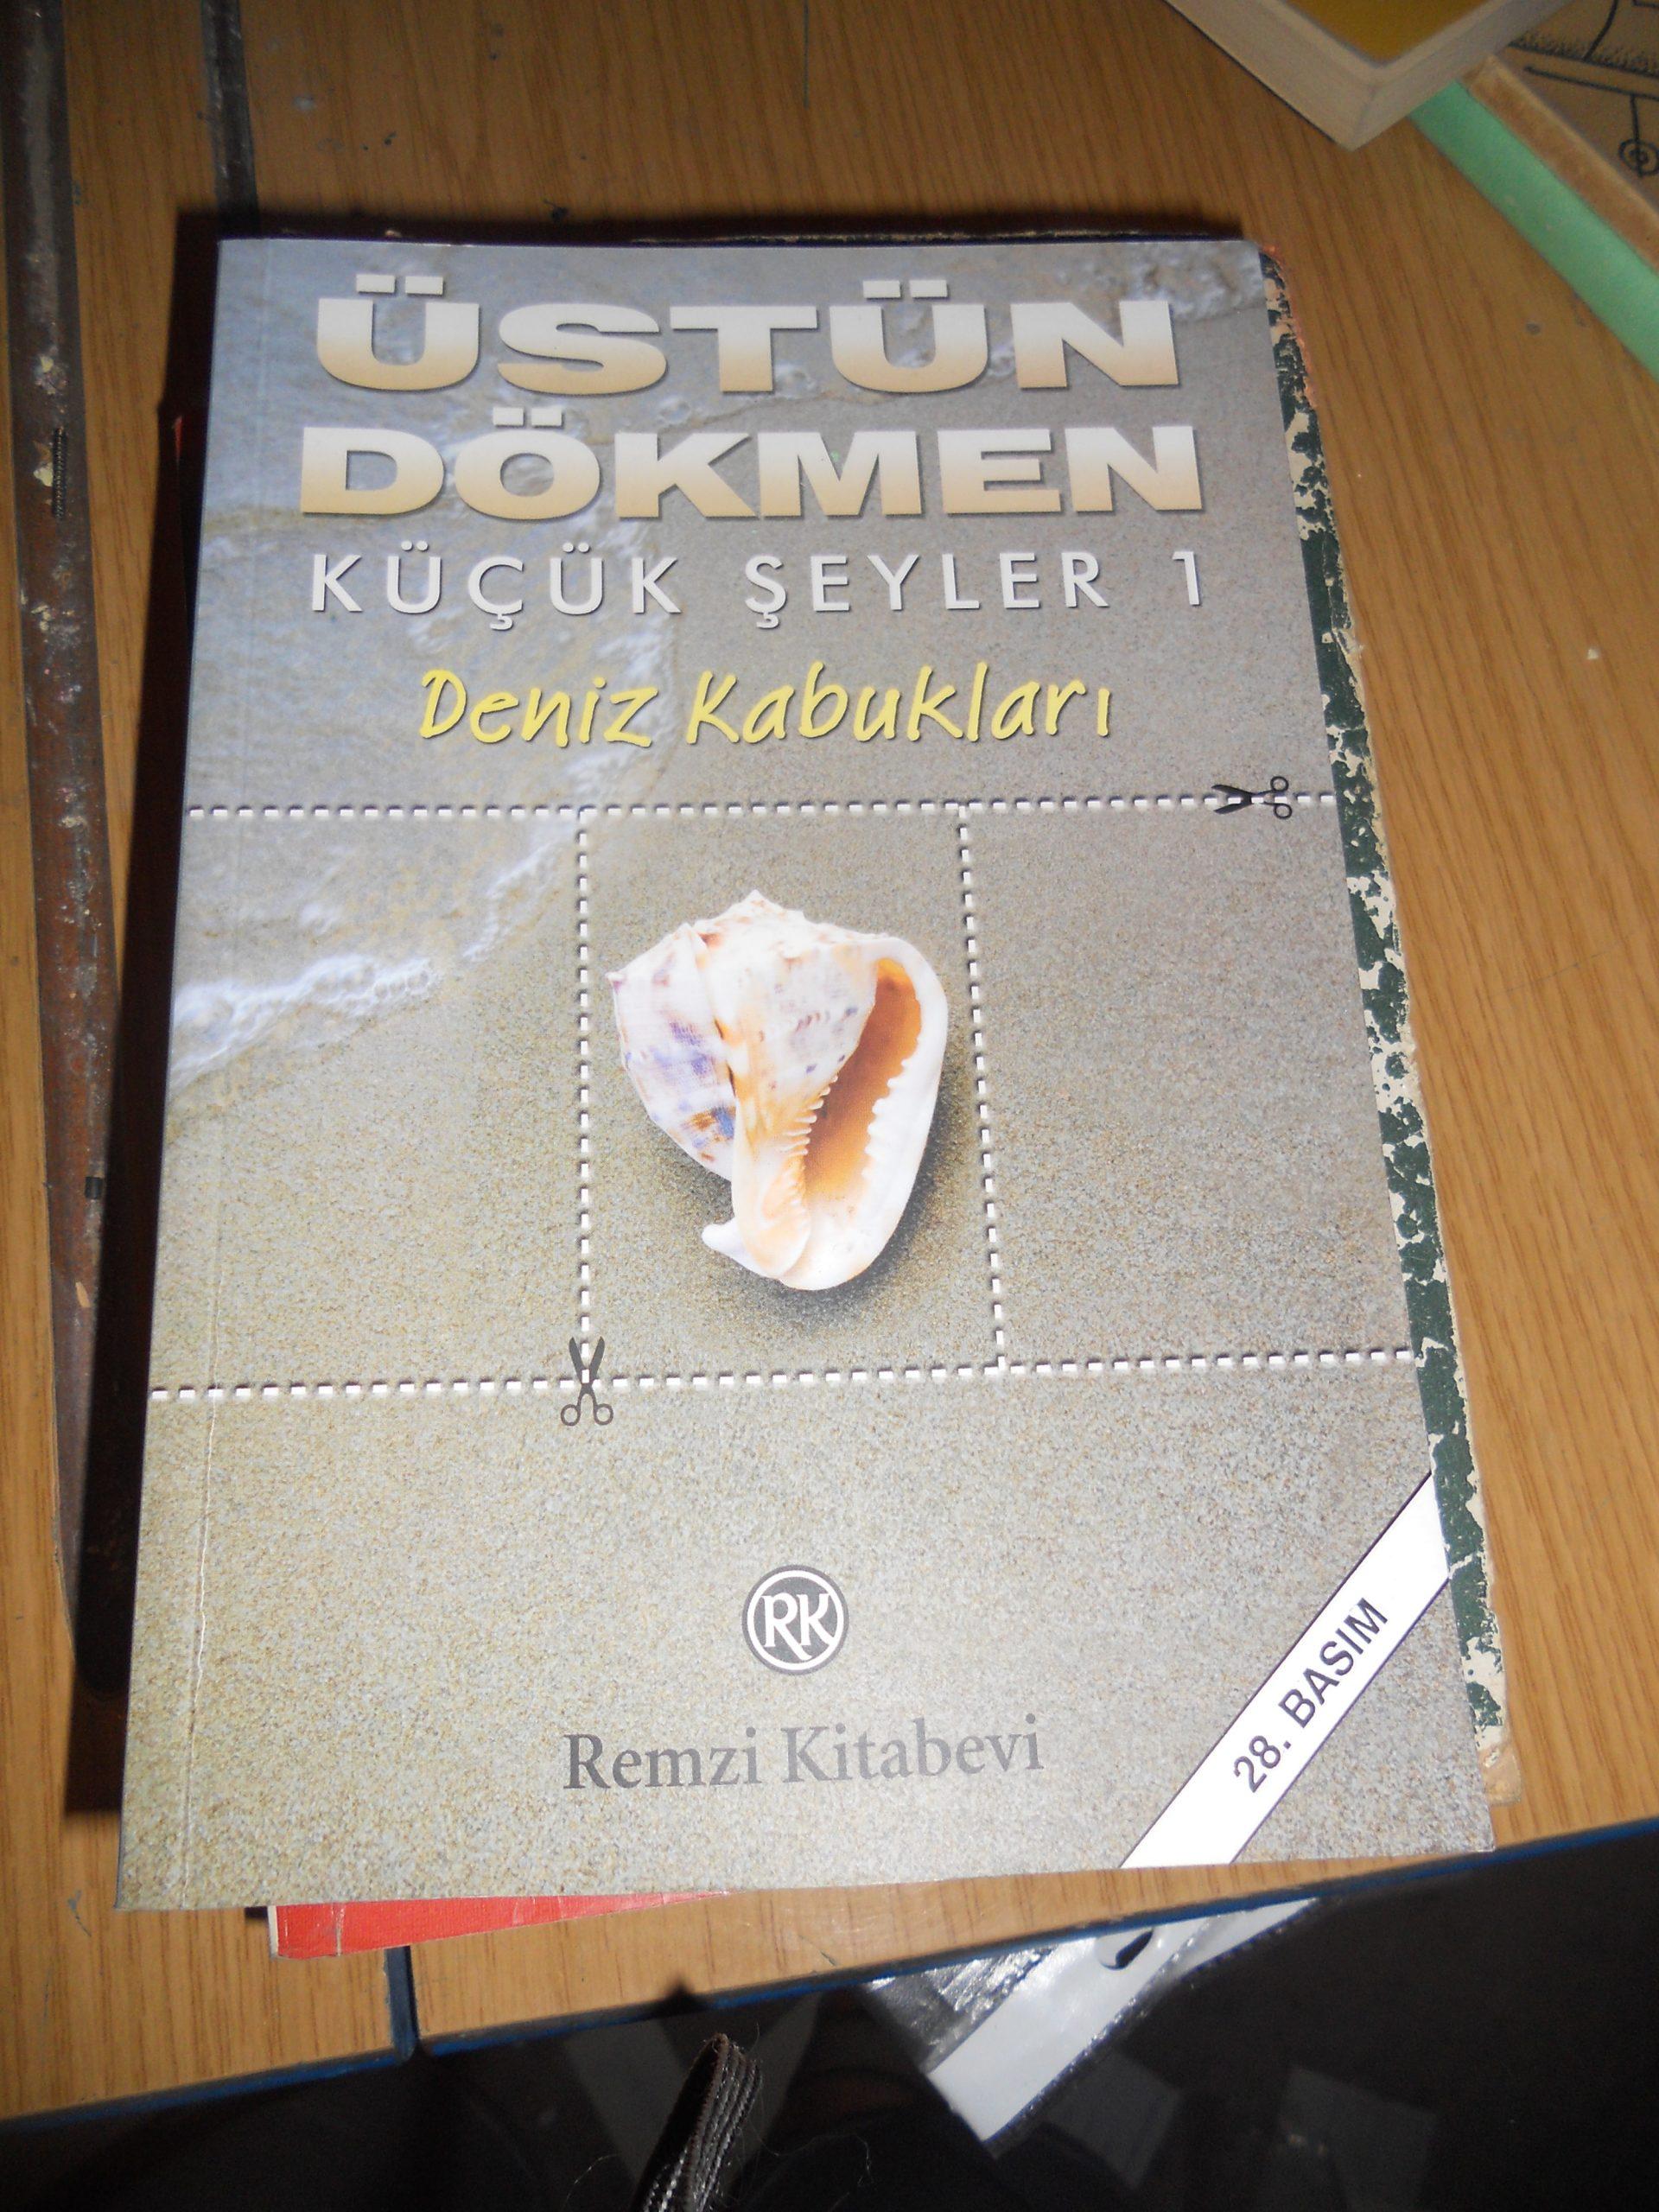 KÜÇÜK ŞEYLER 1-DENİZ KABUKLARI/ÜSTÜN DÖKMEN/10 TL